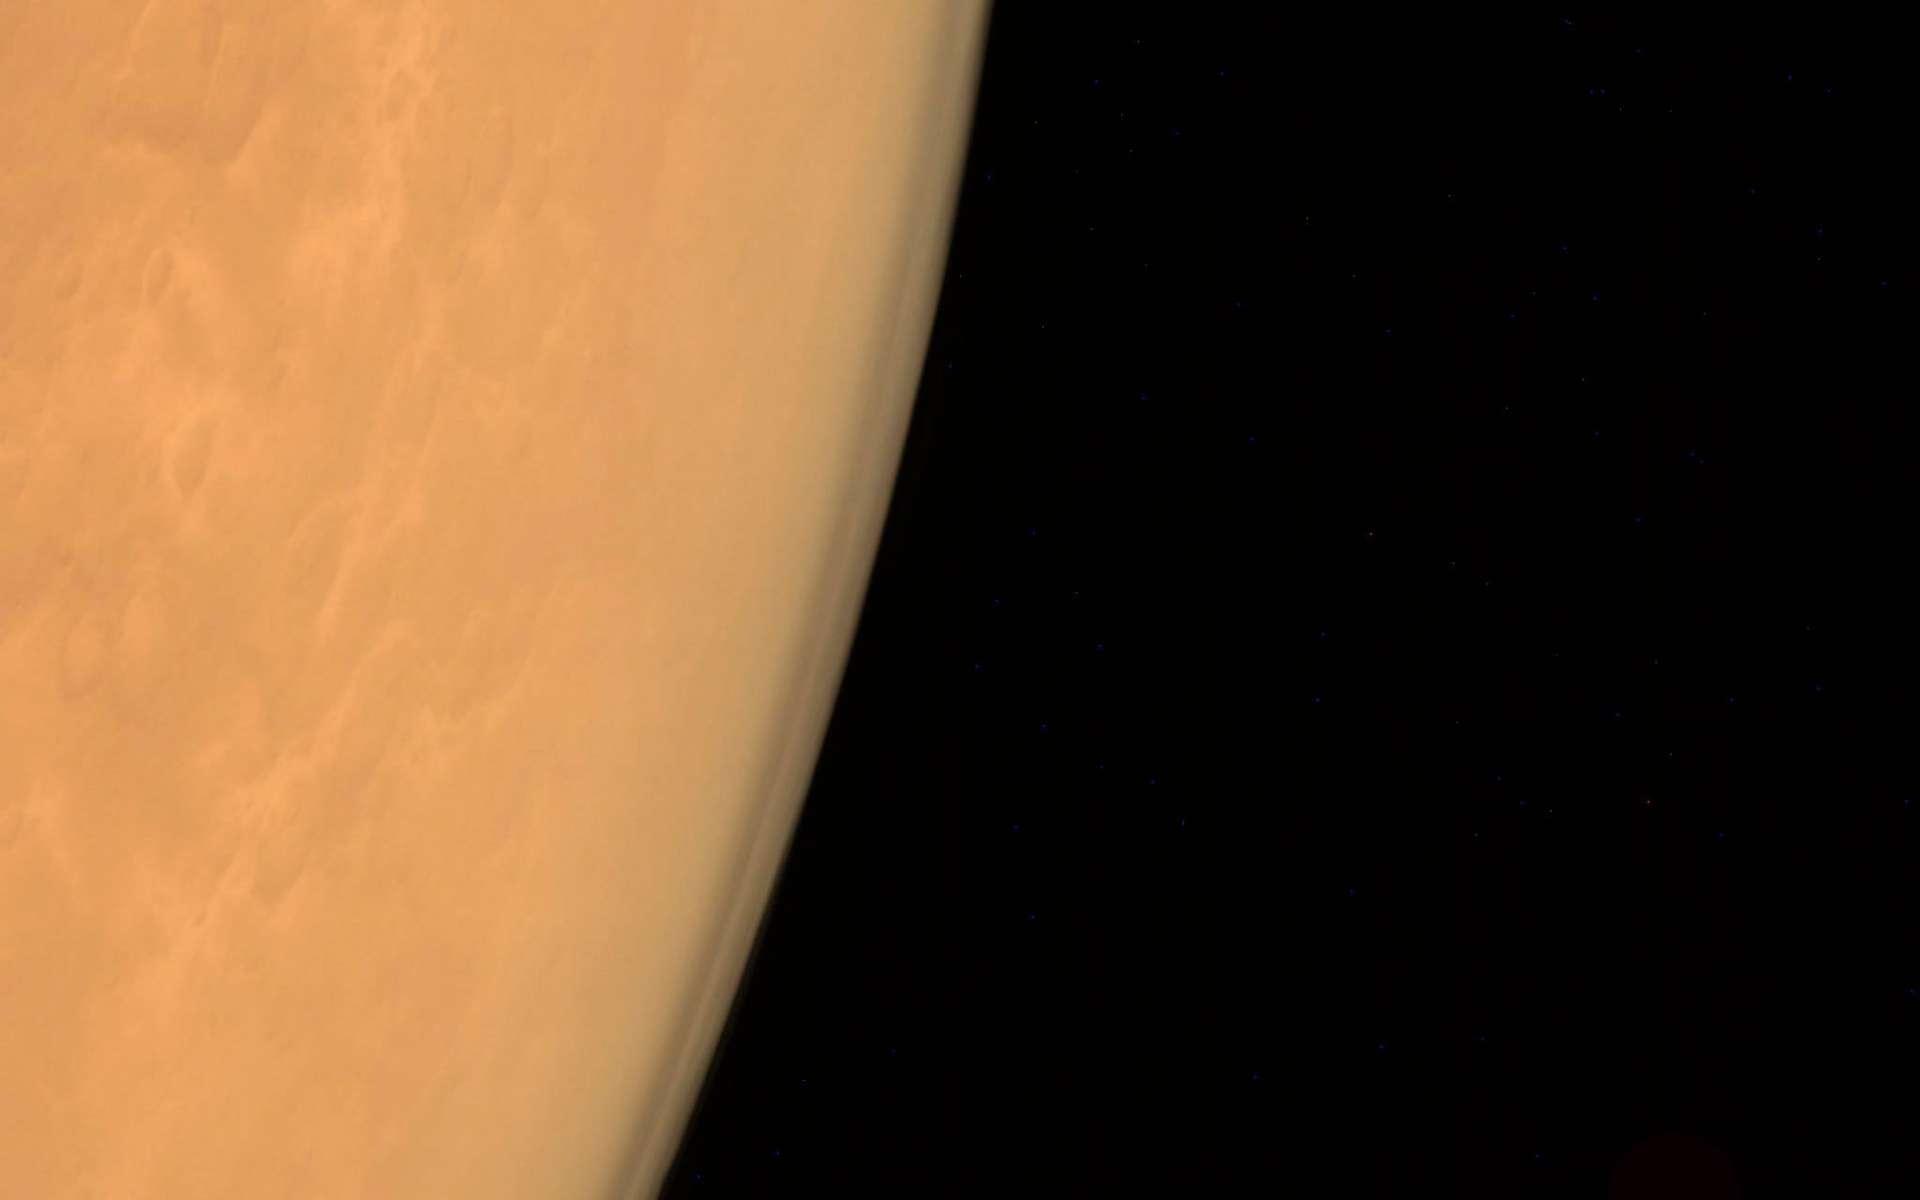 Mars et son atmosphère observés par la sonde MOM de l'Inde. © Isro